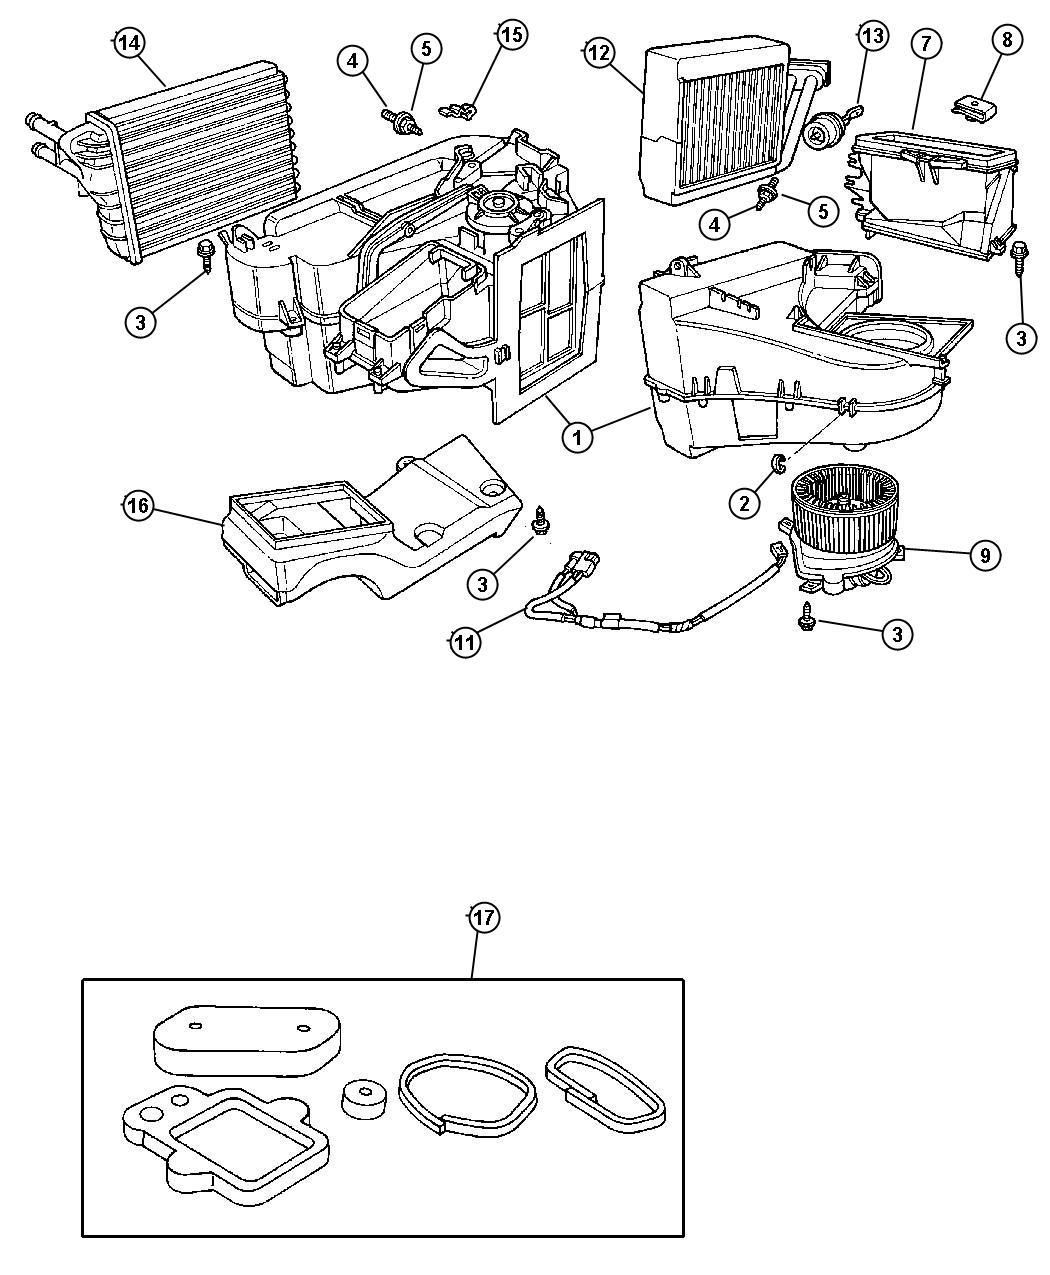 32 Pt Cruiser Air Conditioning Diagram